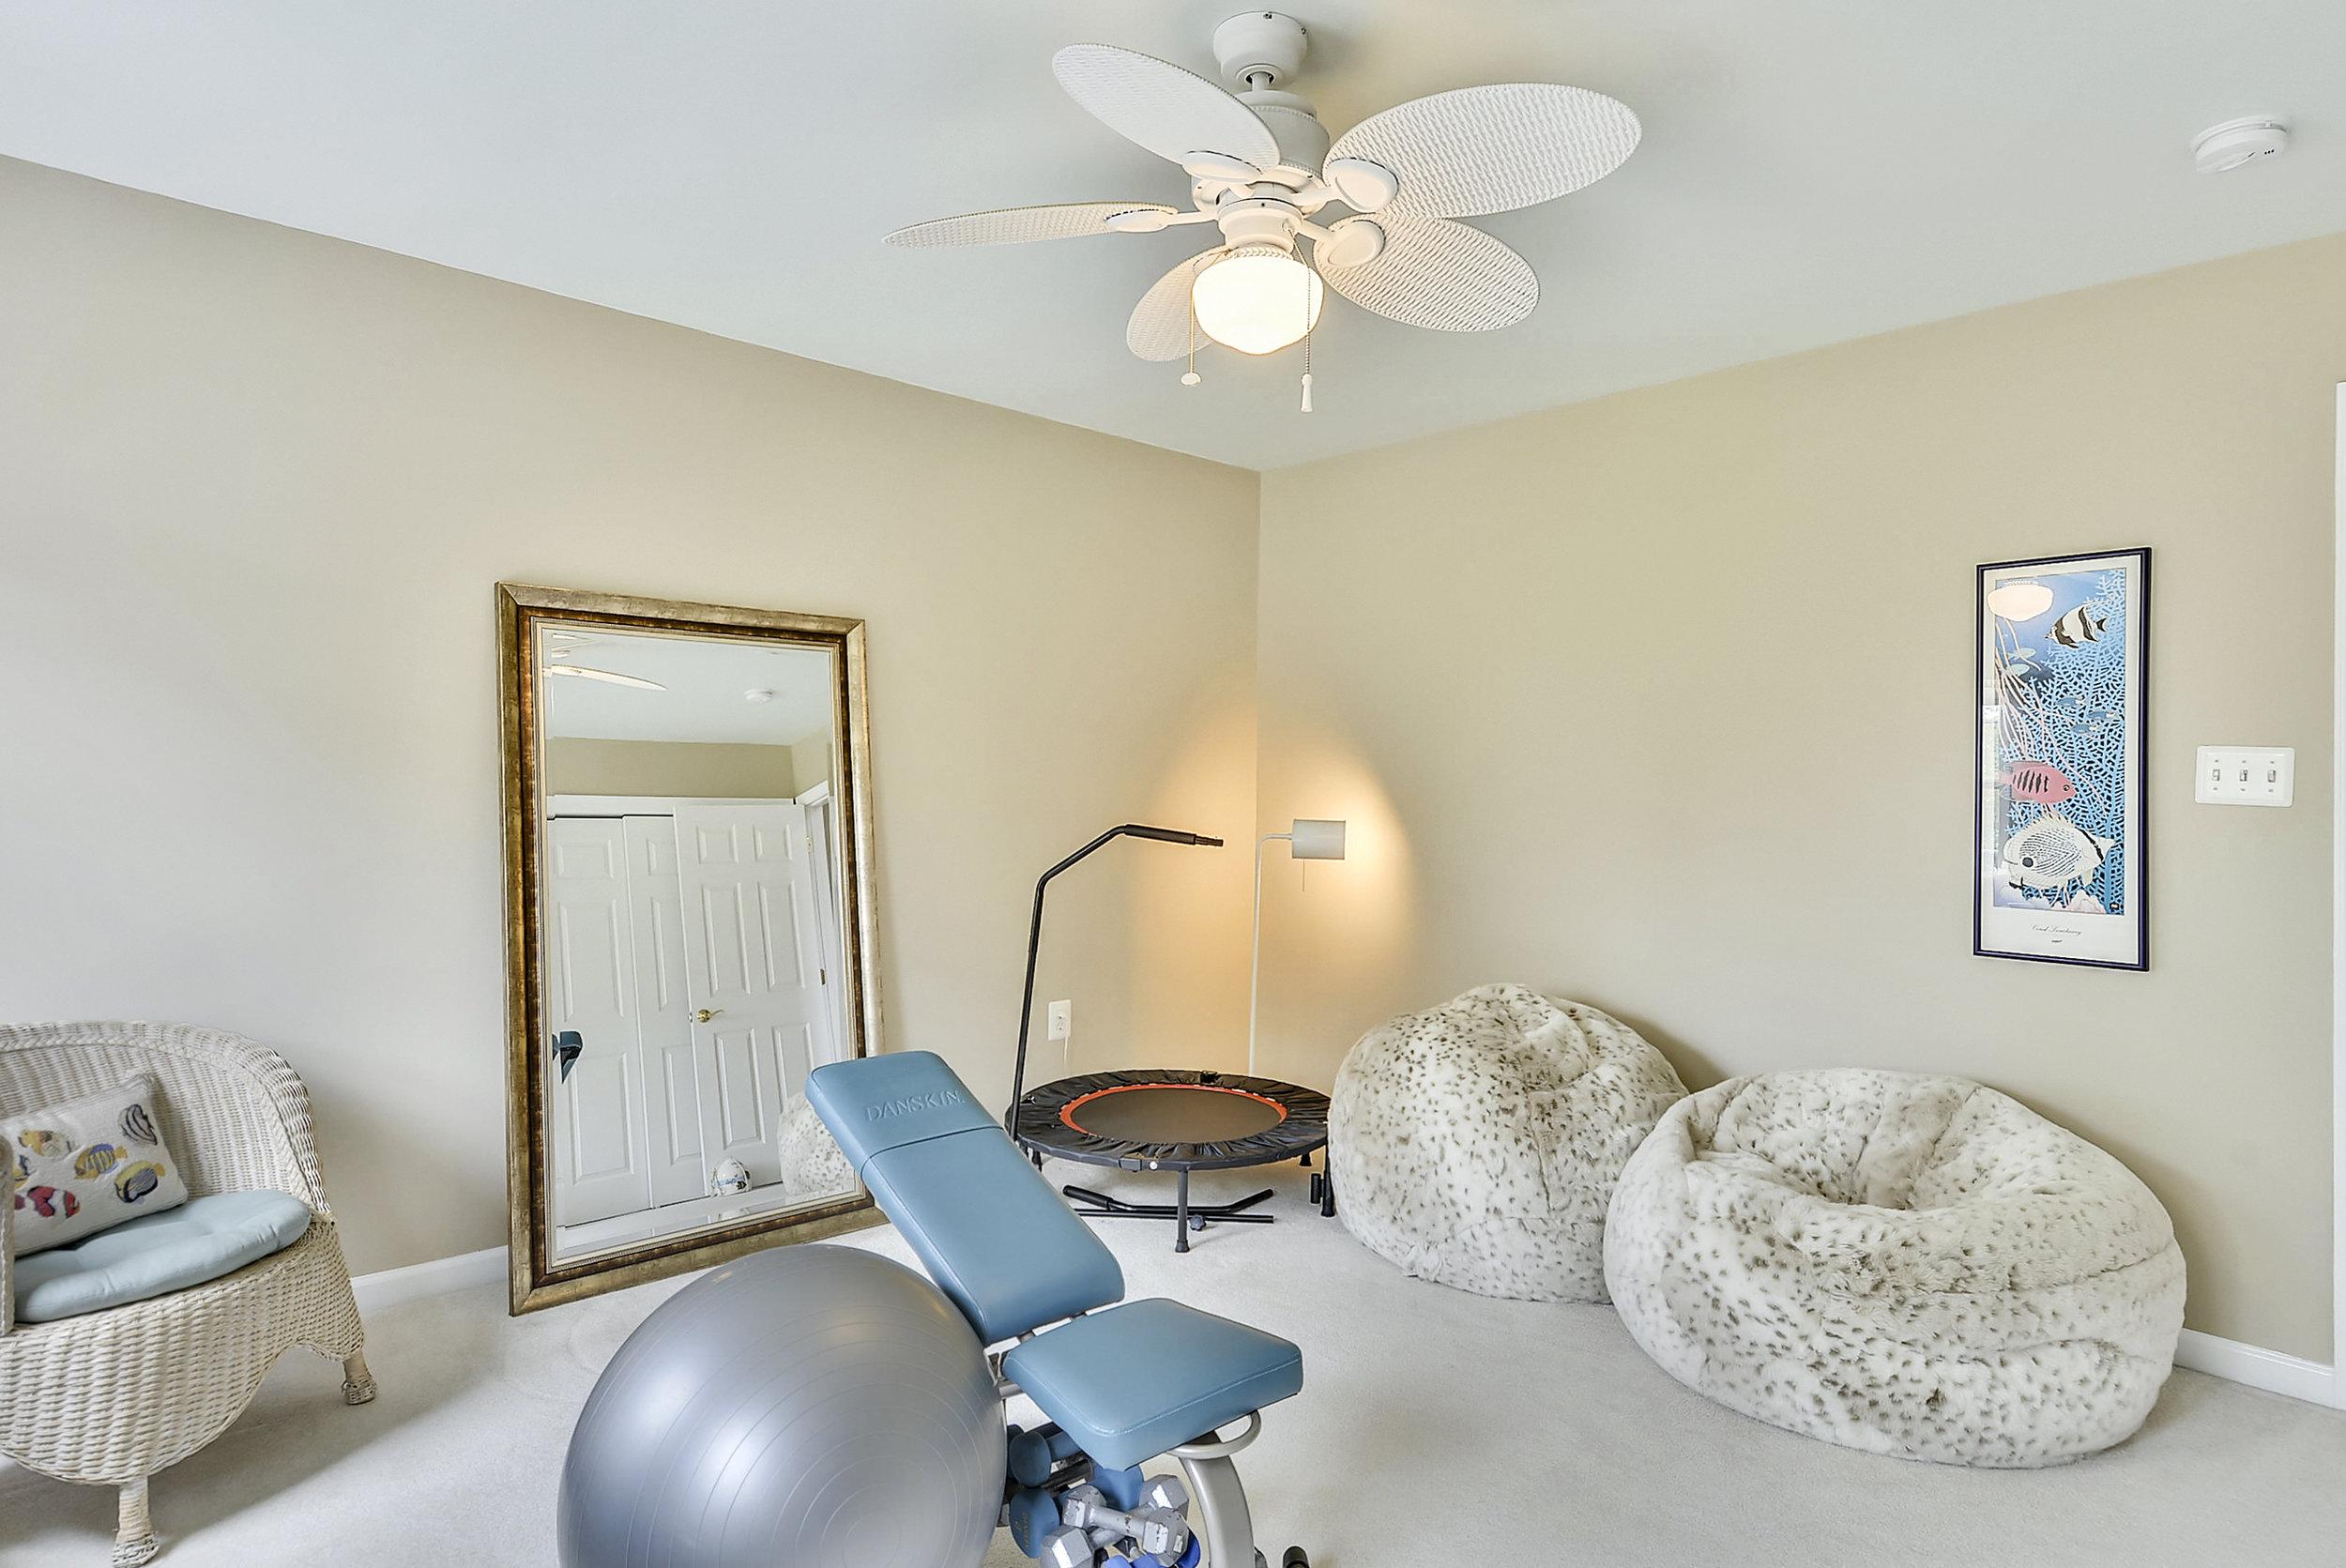 Upper Level 1-Bedroom-_DSC6570.JPG